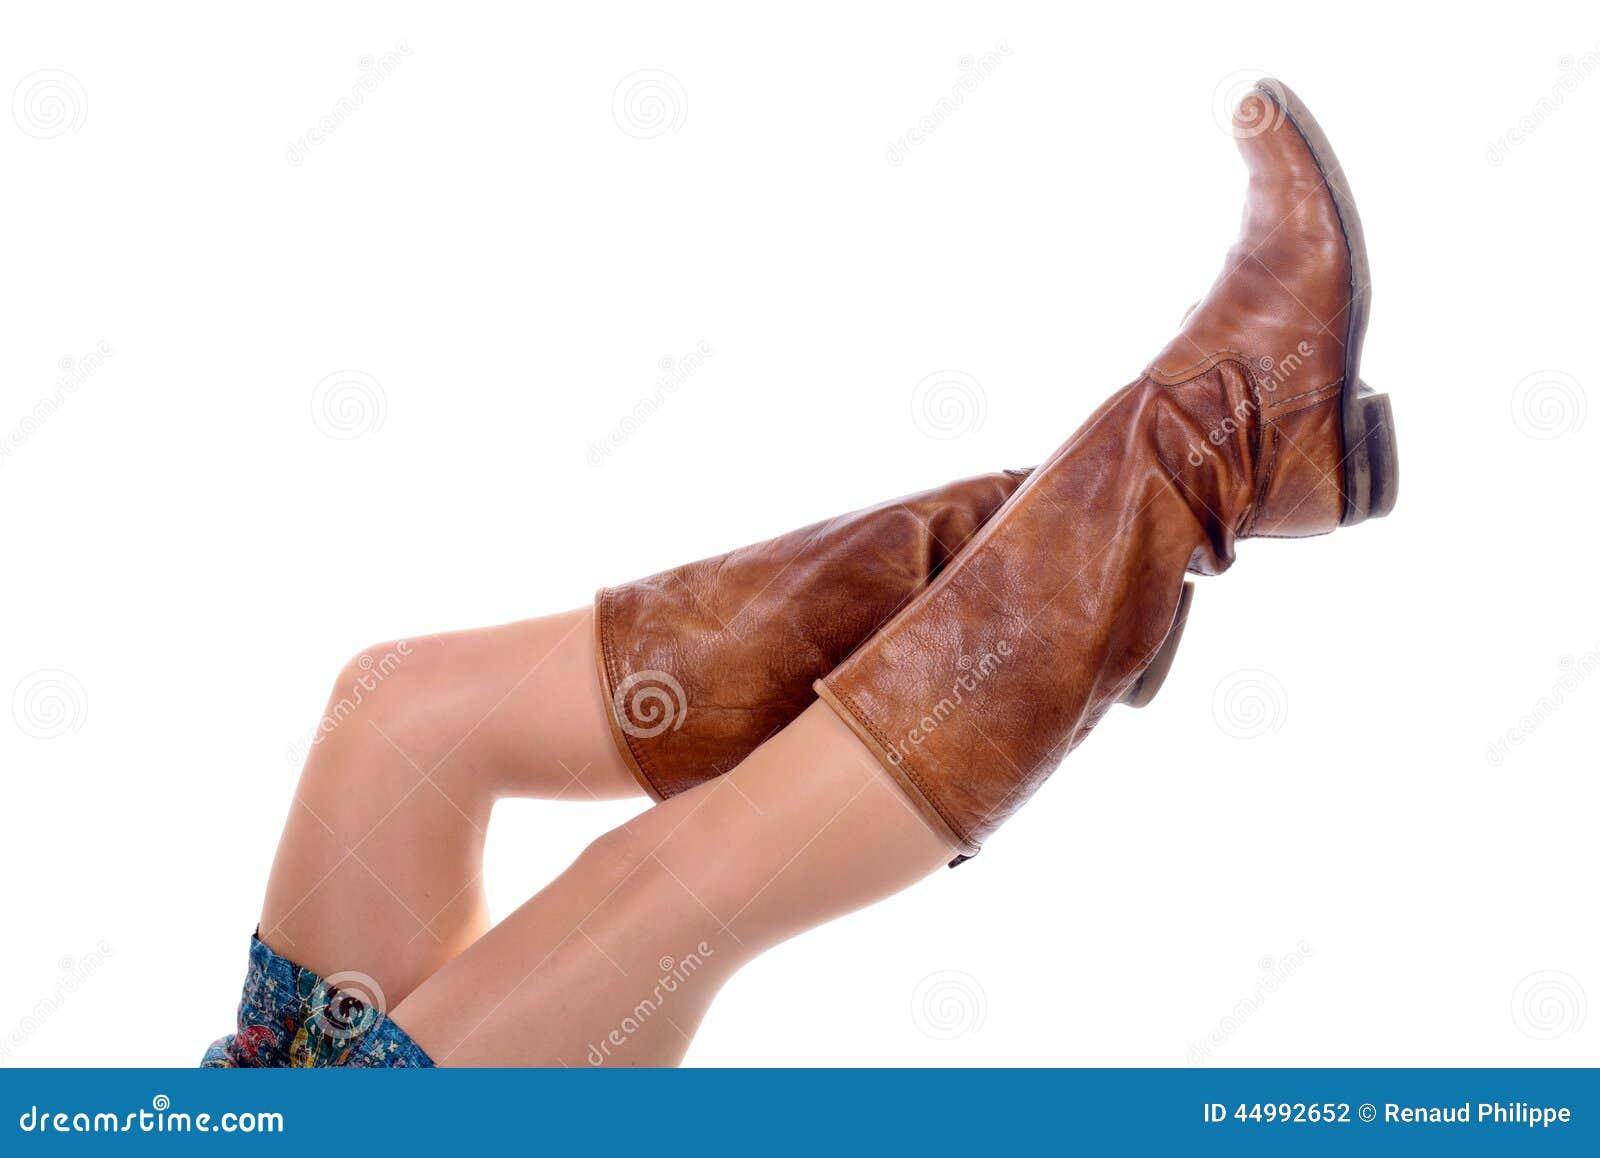 jambes fminines avec les collants colors avec des bottes - Collants Colors